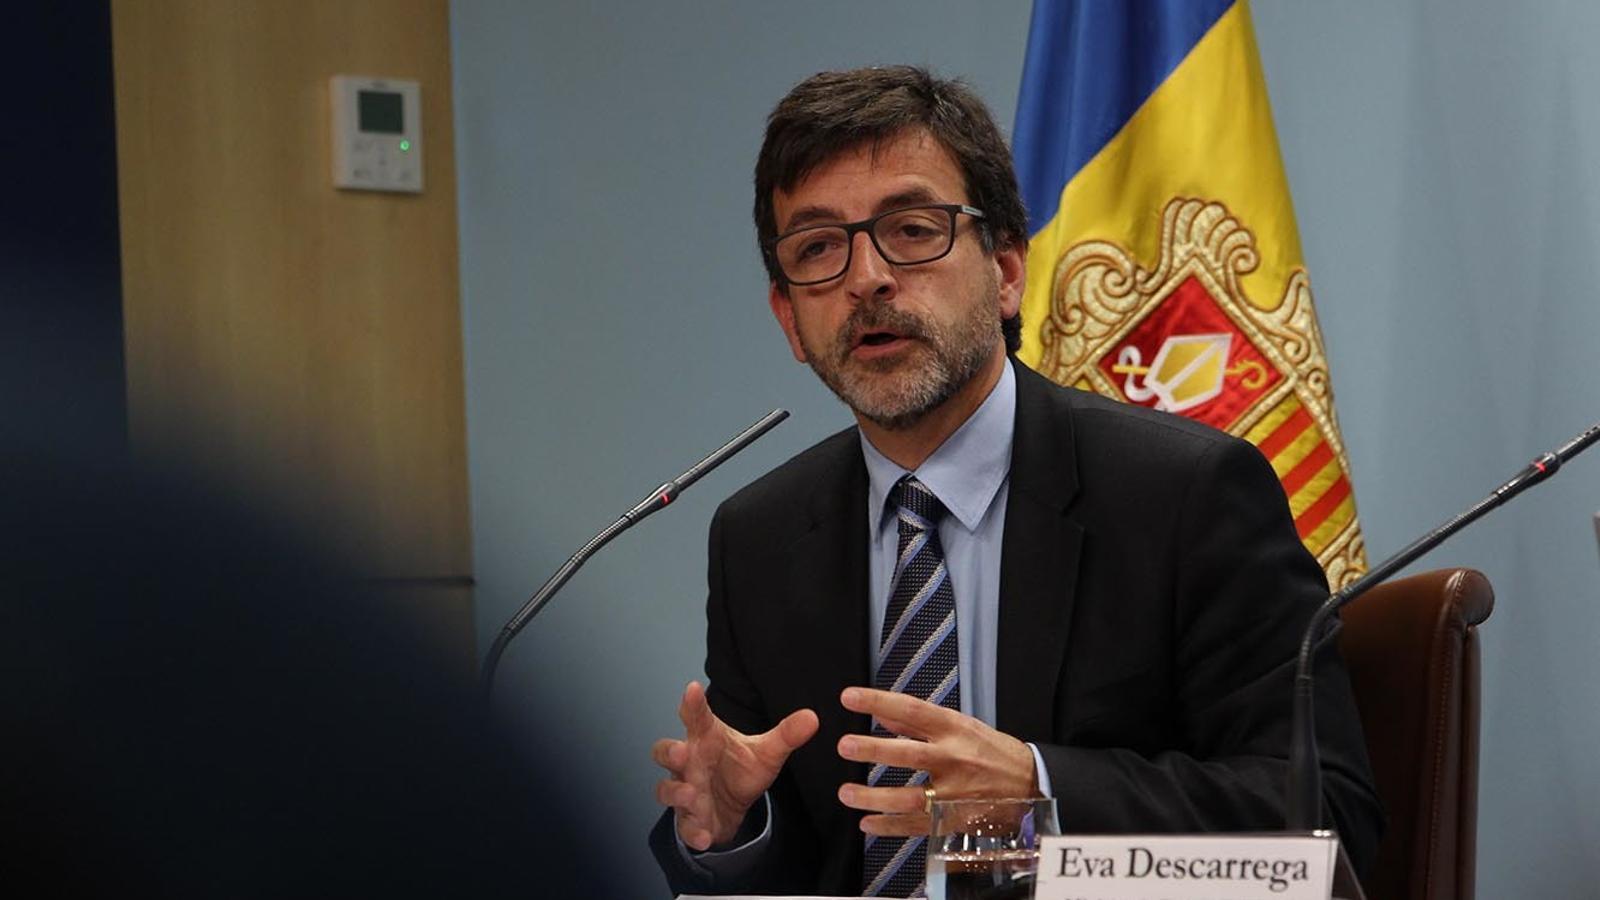 El ministre de Finances, Jordi Cinca, durant la roda de premsa posterior al consell de ministres. / M. M.